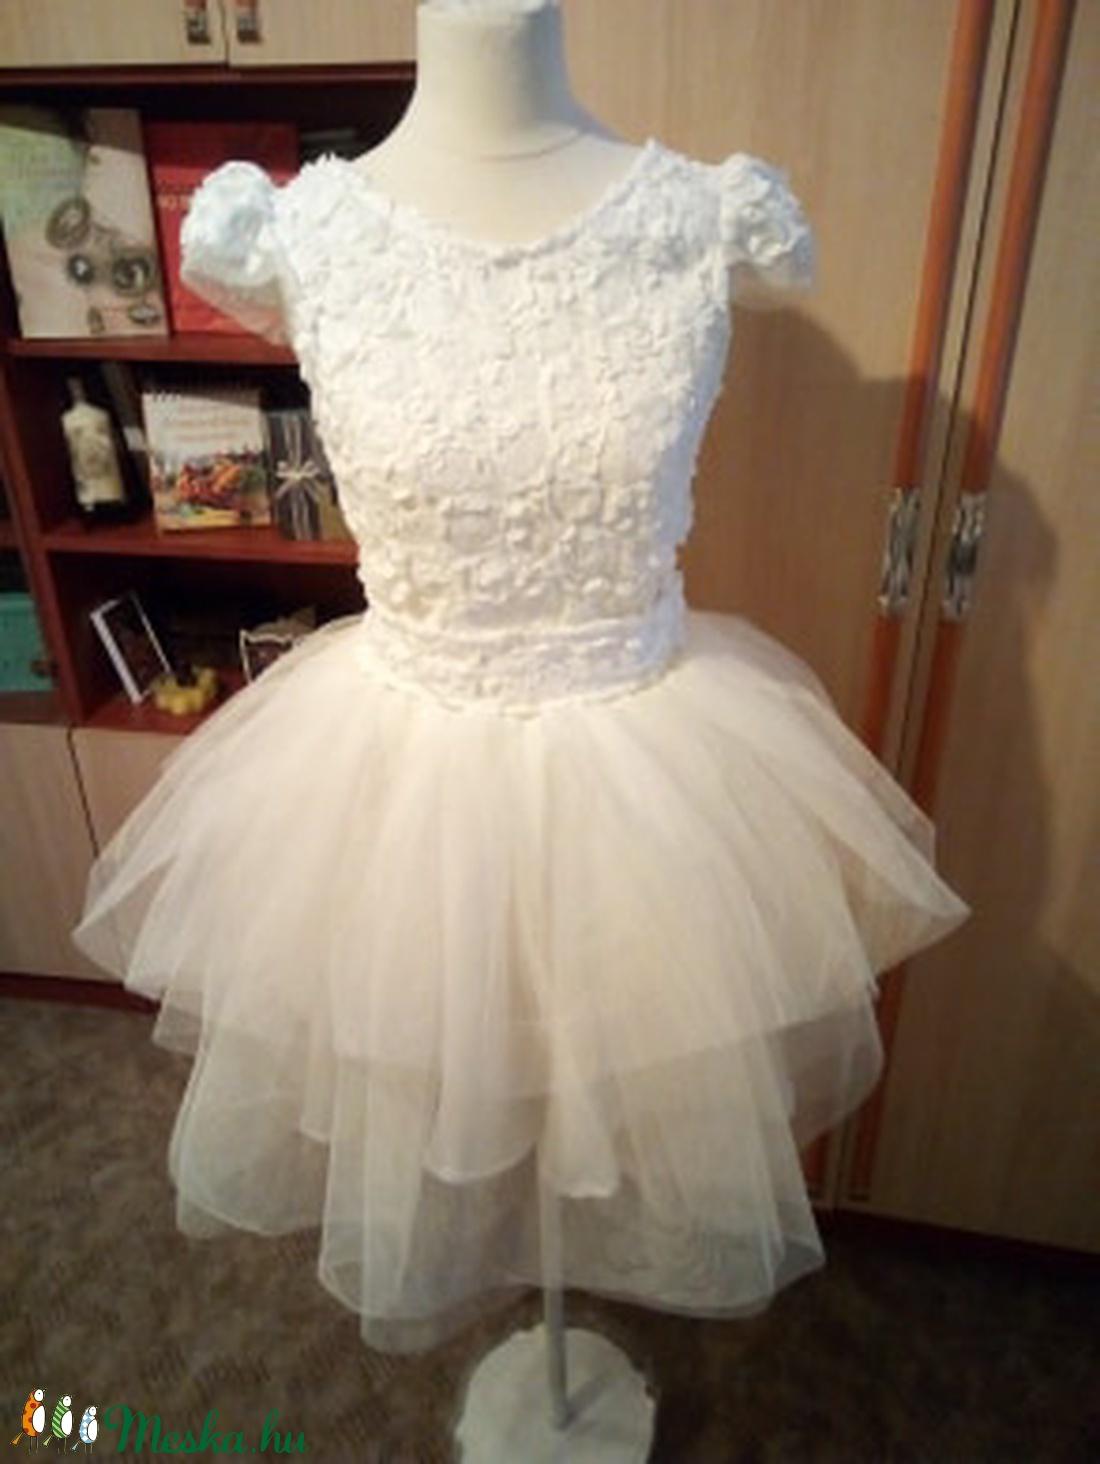 menyasszonyi ruha (Annamarifashion) - Meska.hu